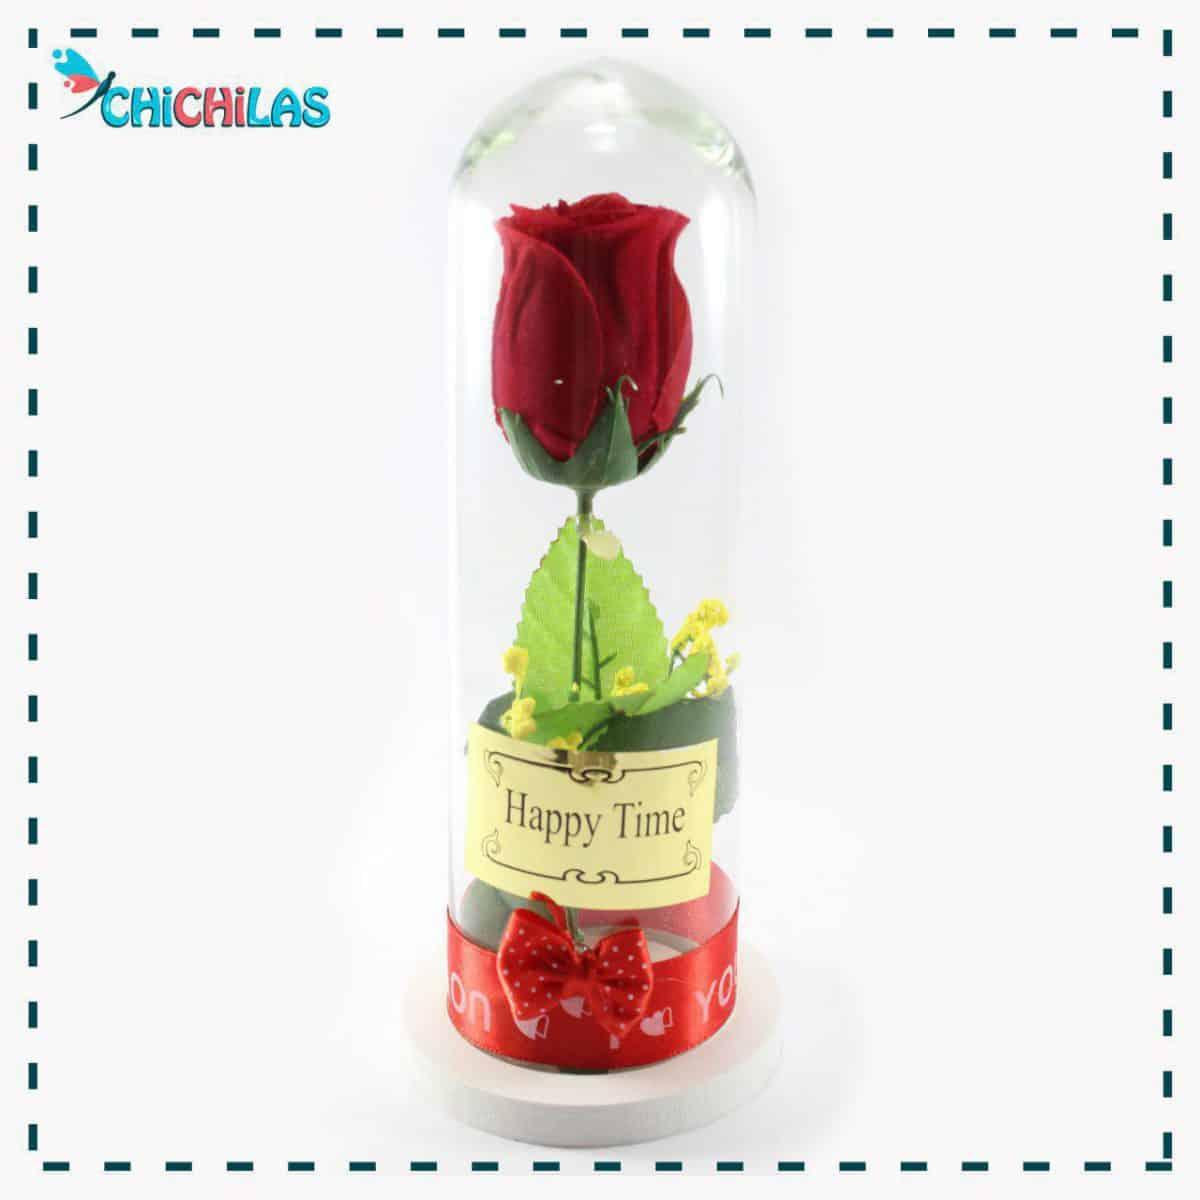 چیچیلاس - گل رز دکوری - گل دکوری - فروشگاه دکوری - فروشگاه چیچیلاس - خرید عمده گل رز دکوری - ولنتاین - کادو ولنتاین